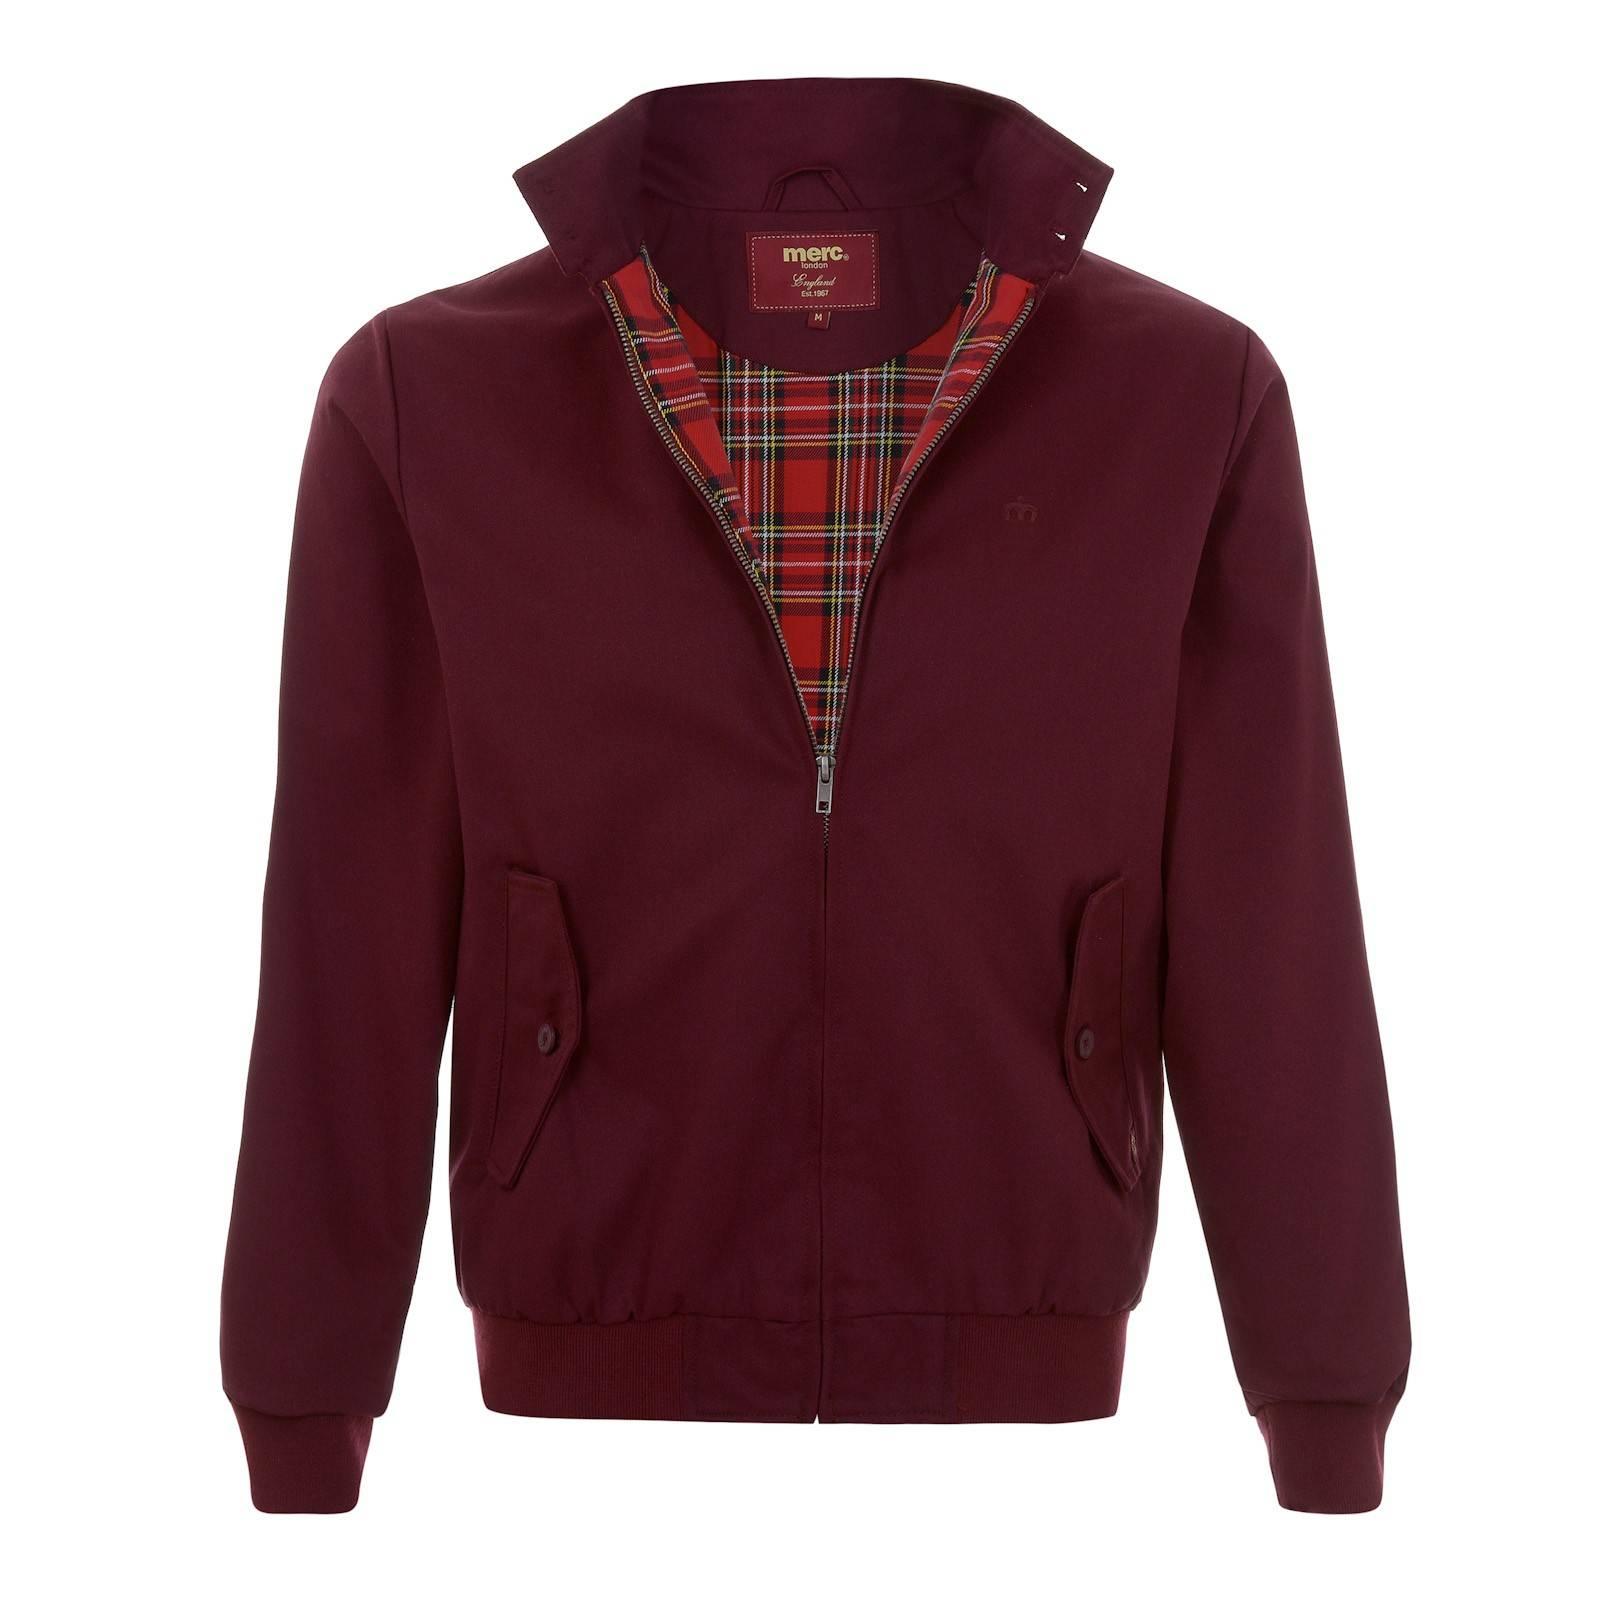 Куртка HarringtonСлайдер на главной<br><br><br>Артикул: 1104106<br>Материал: 60% хлопок, 40% полиэстер / Подкладка 100% хлопок<br>Цвет: бордовый<br>Пол: Мужской